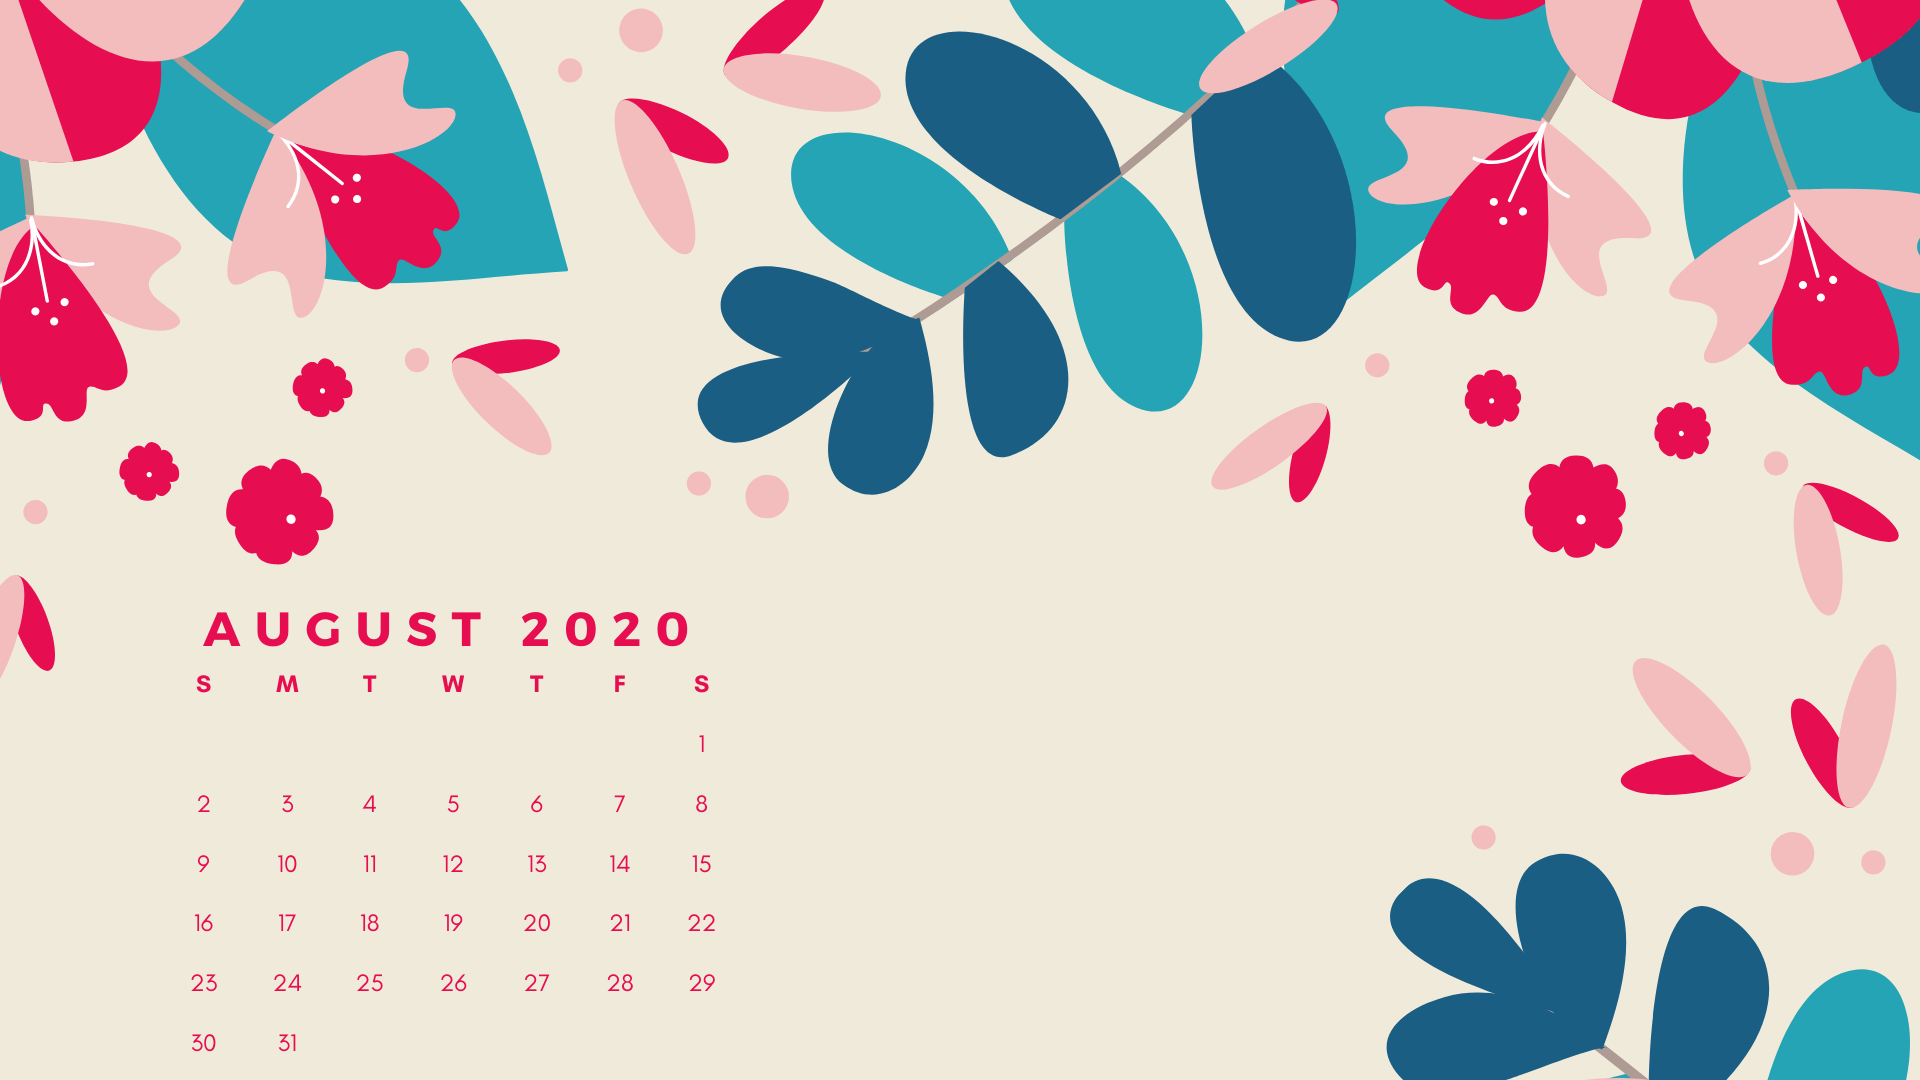 August 2020 Calendar Desktop Background